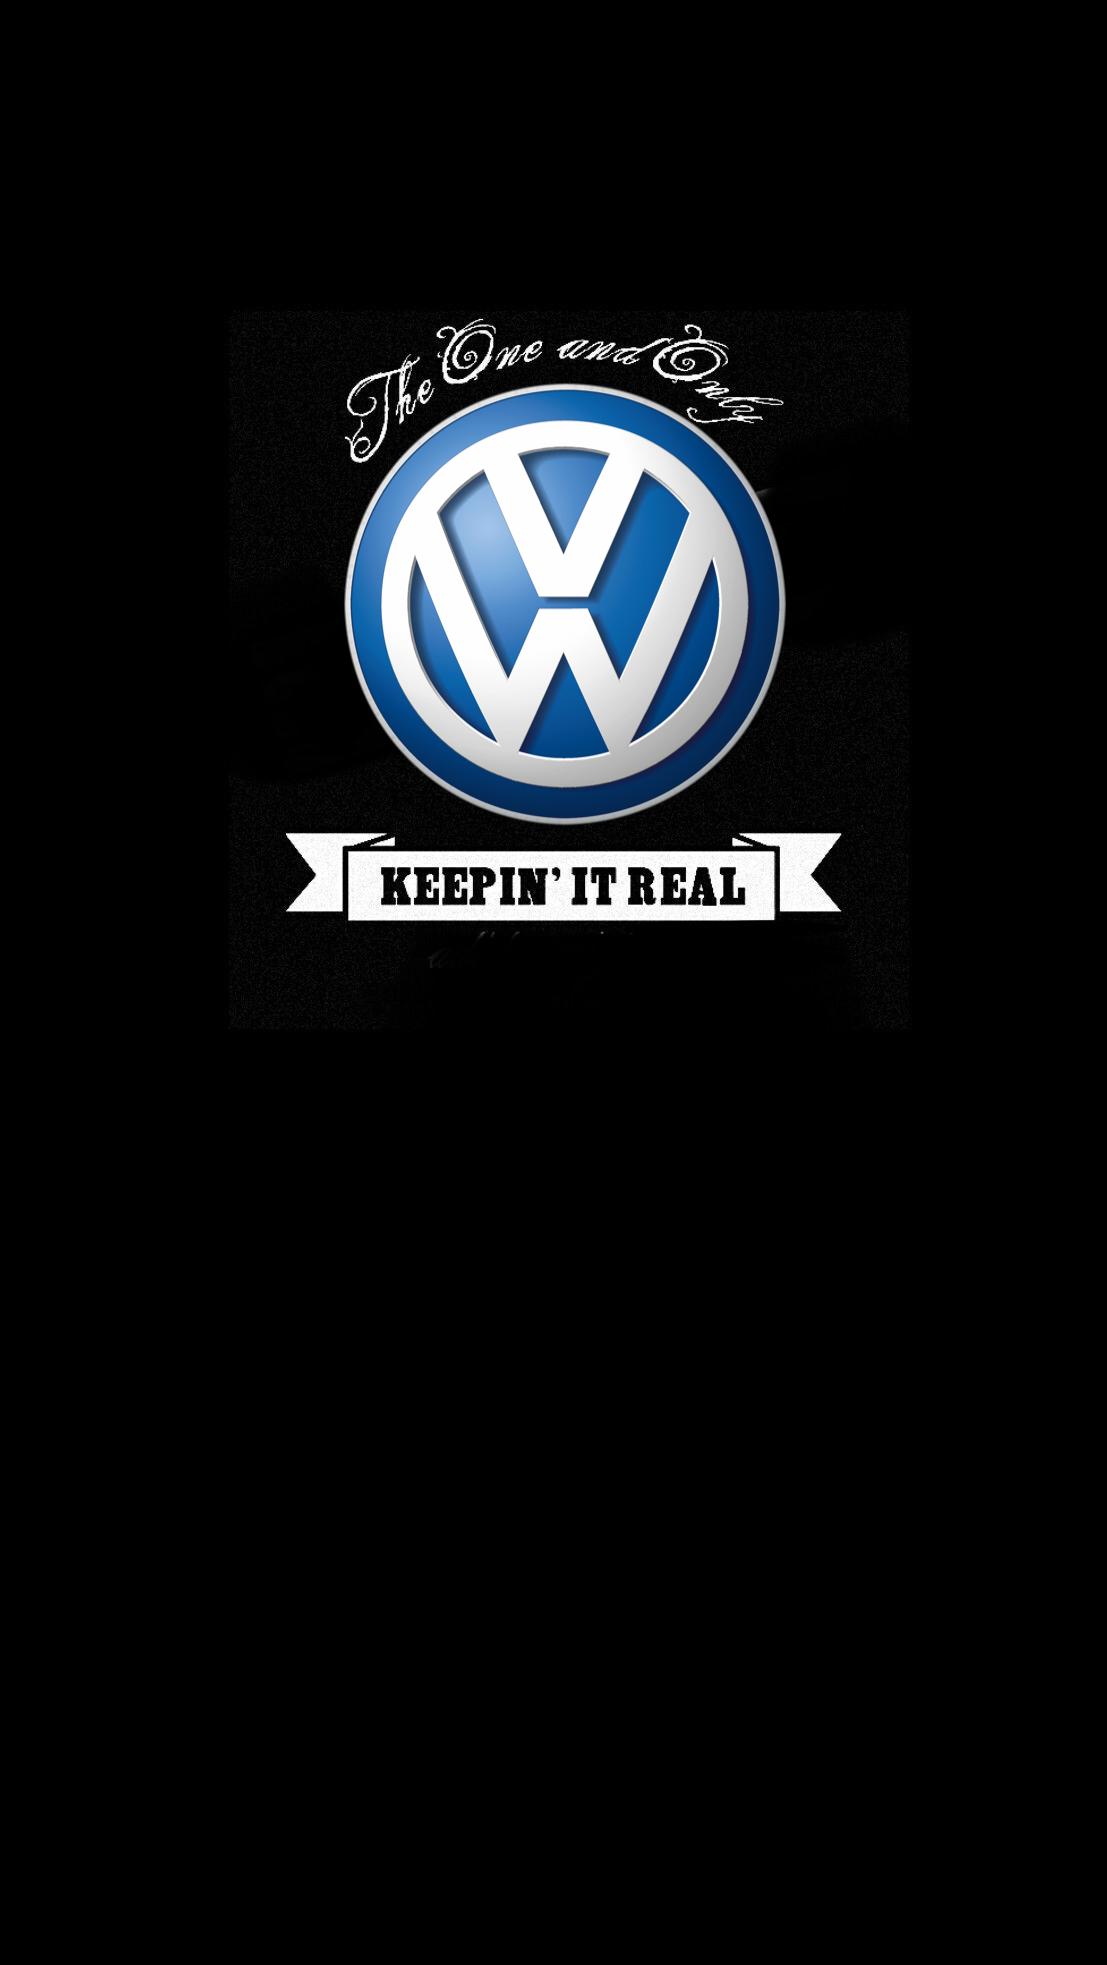 Pin by VW Dad on Vdubs Volkswagen, Volkswagen logo, Audi